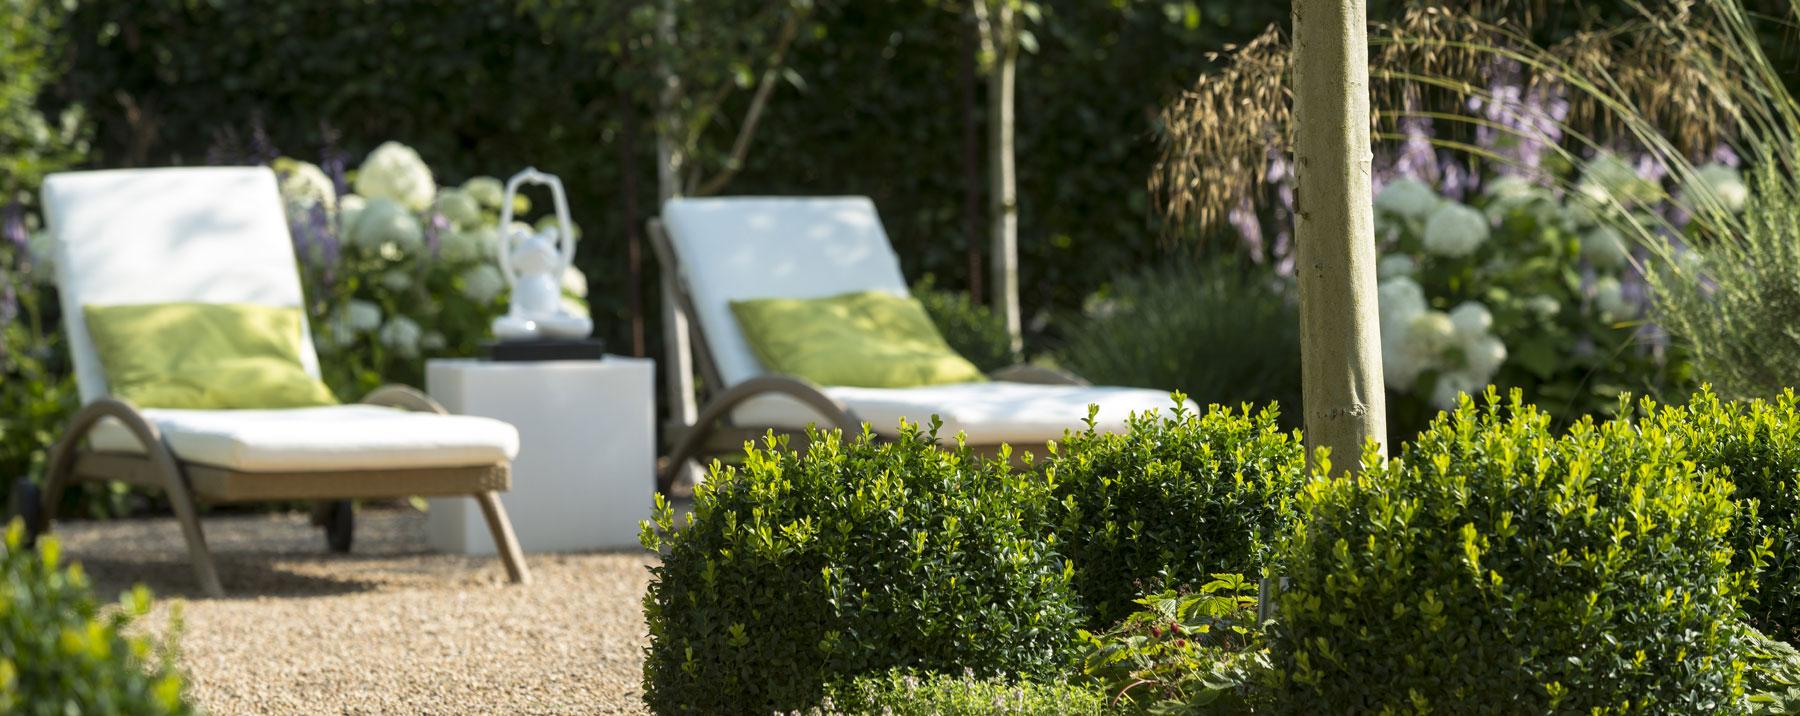 Otten Gartengestaltung, gärtner von eden - otten gartengestaltung, Design ideen